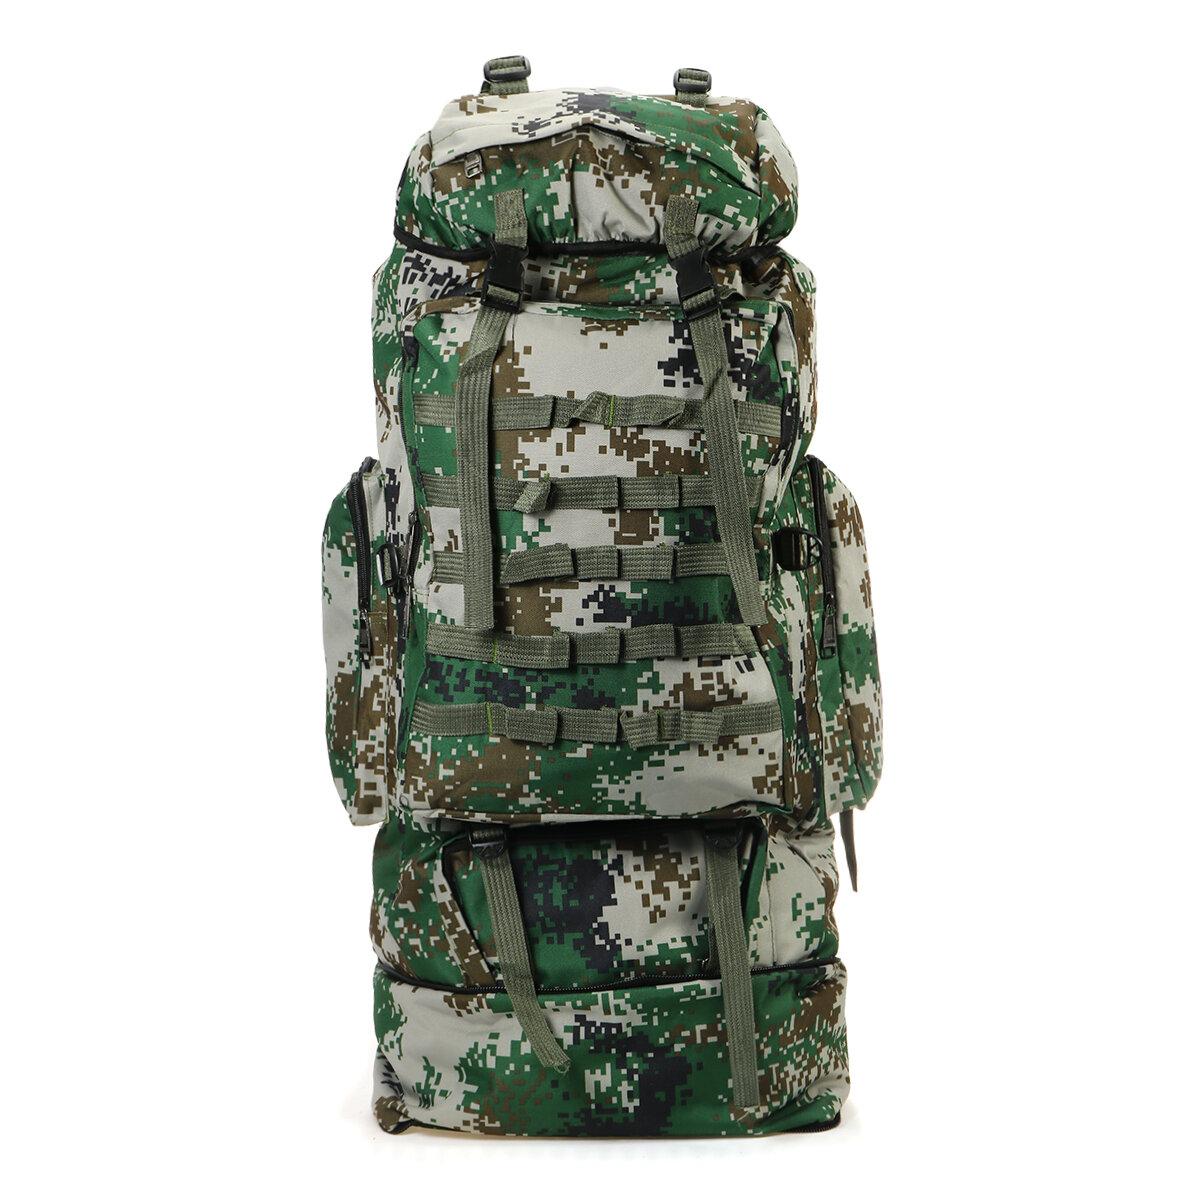 Ευρωπαϊκή αποθήκη 100L ΤΣΑΝΤΑΡΑ σε τιμή τσαντούλας | 100L Outdoor Folding Backpack Military Tactical Shoulder Bag